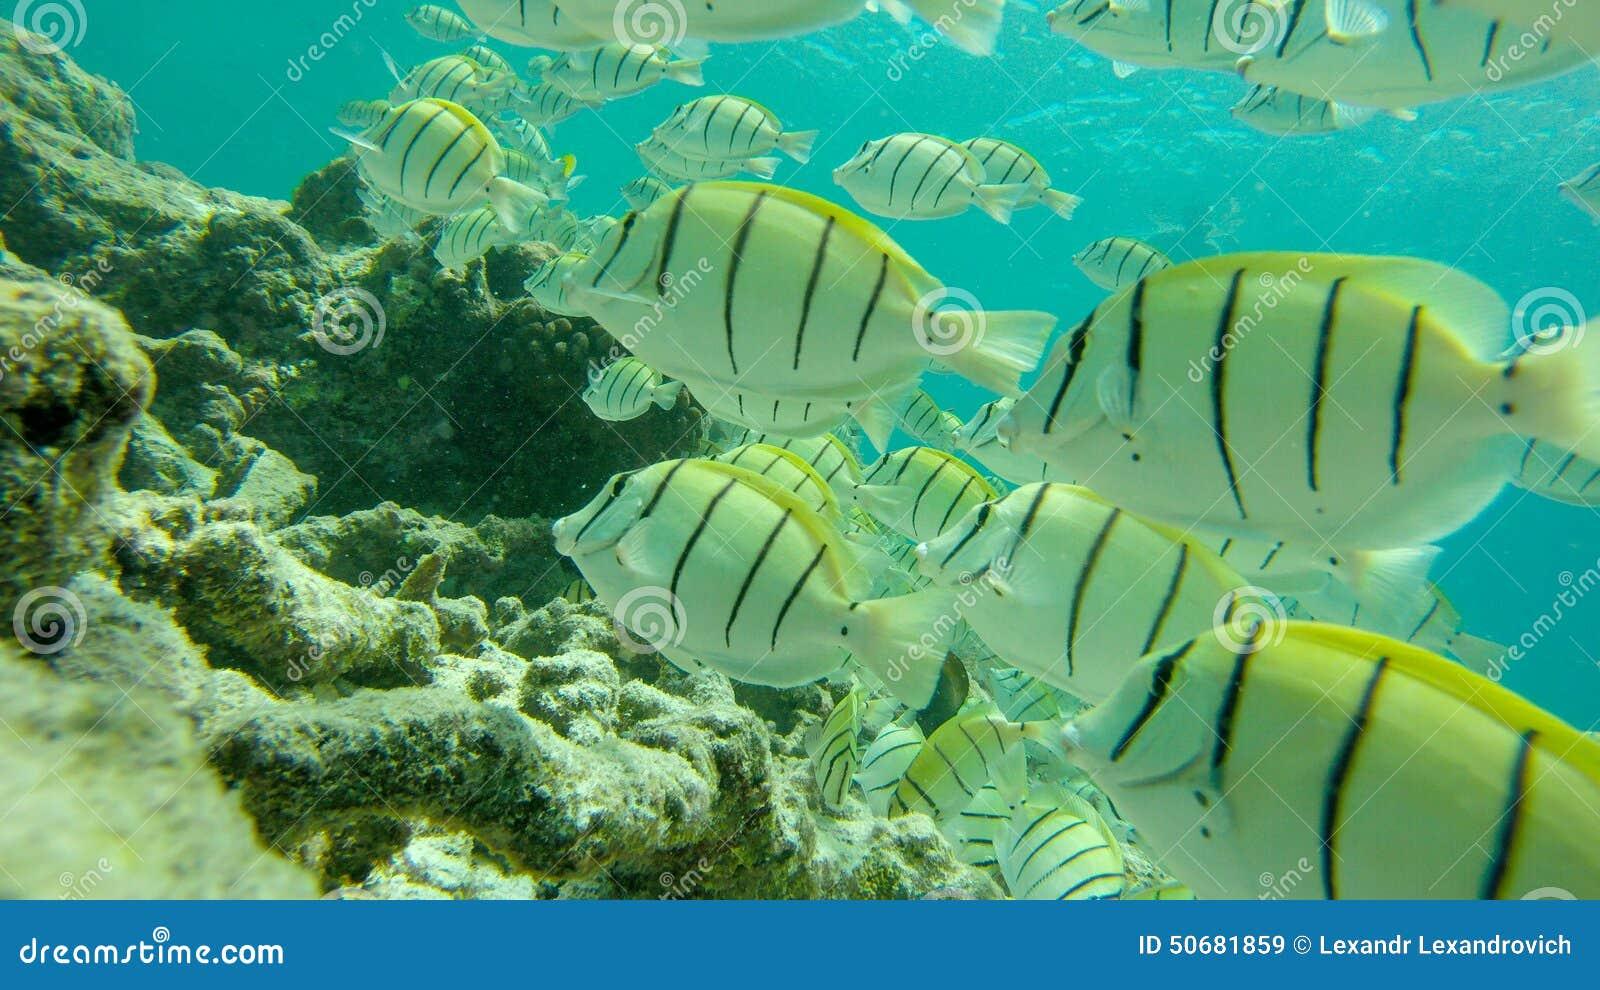 Download 鱼 库存图片. 图片 包括有 重婚, 印第安语, 马尔代夫, 海运, 通过, 潜航, 食物, 水下, 批次 - 50681859